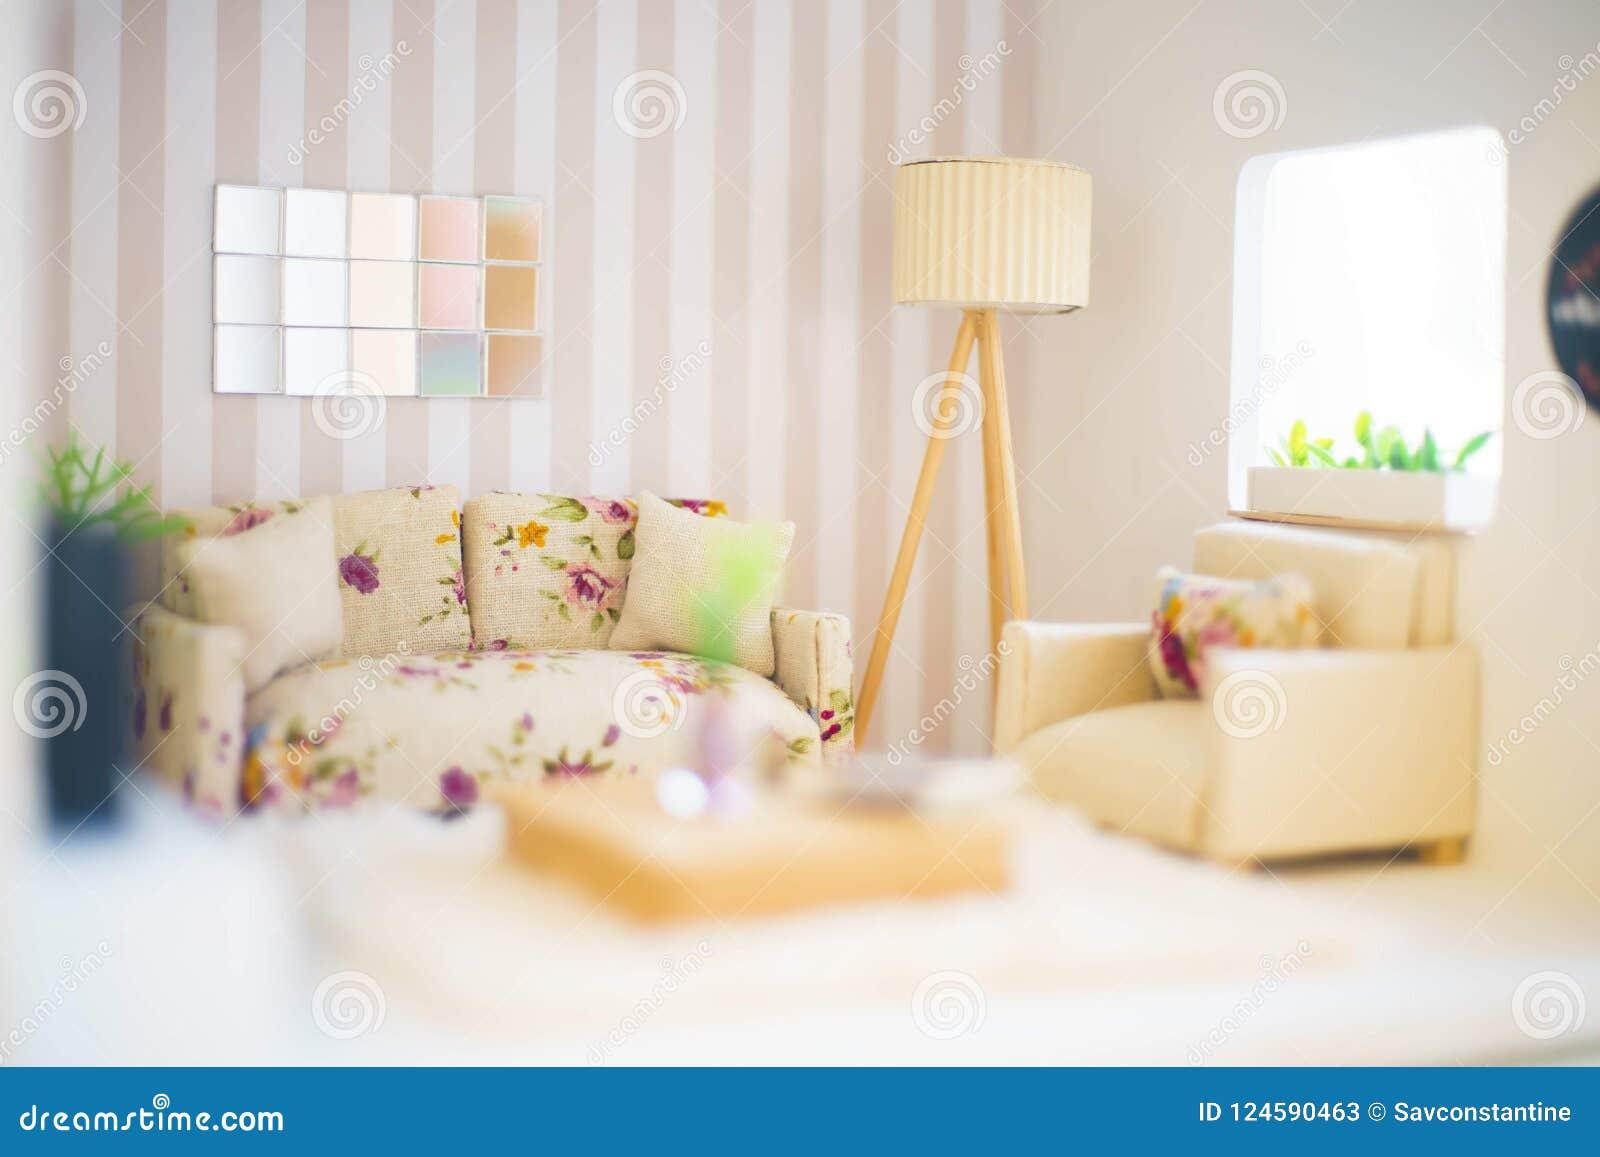 Begrepp av ett litet rum